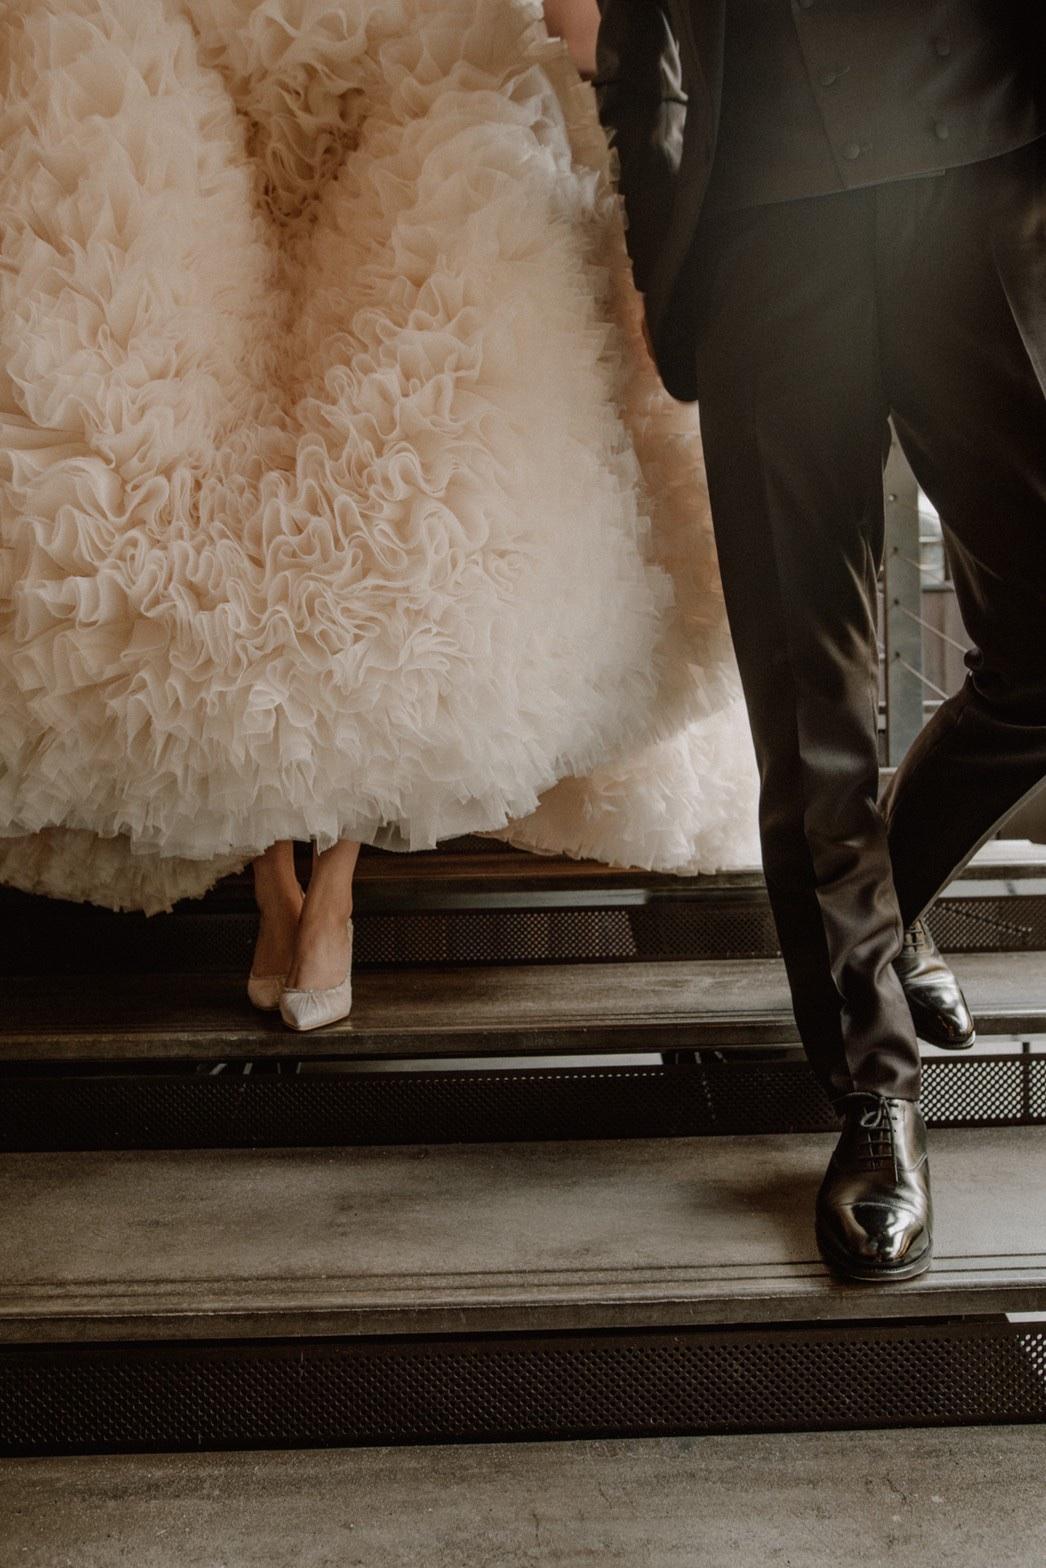 足元までこだわり抜かれたトモコイズミのドレスを前撮りにてお召しになられたお二人のご紹介